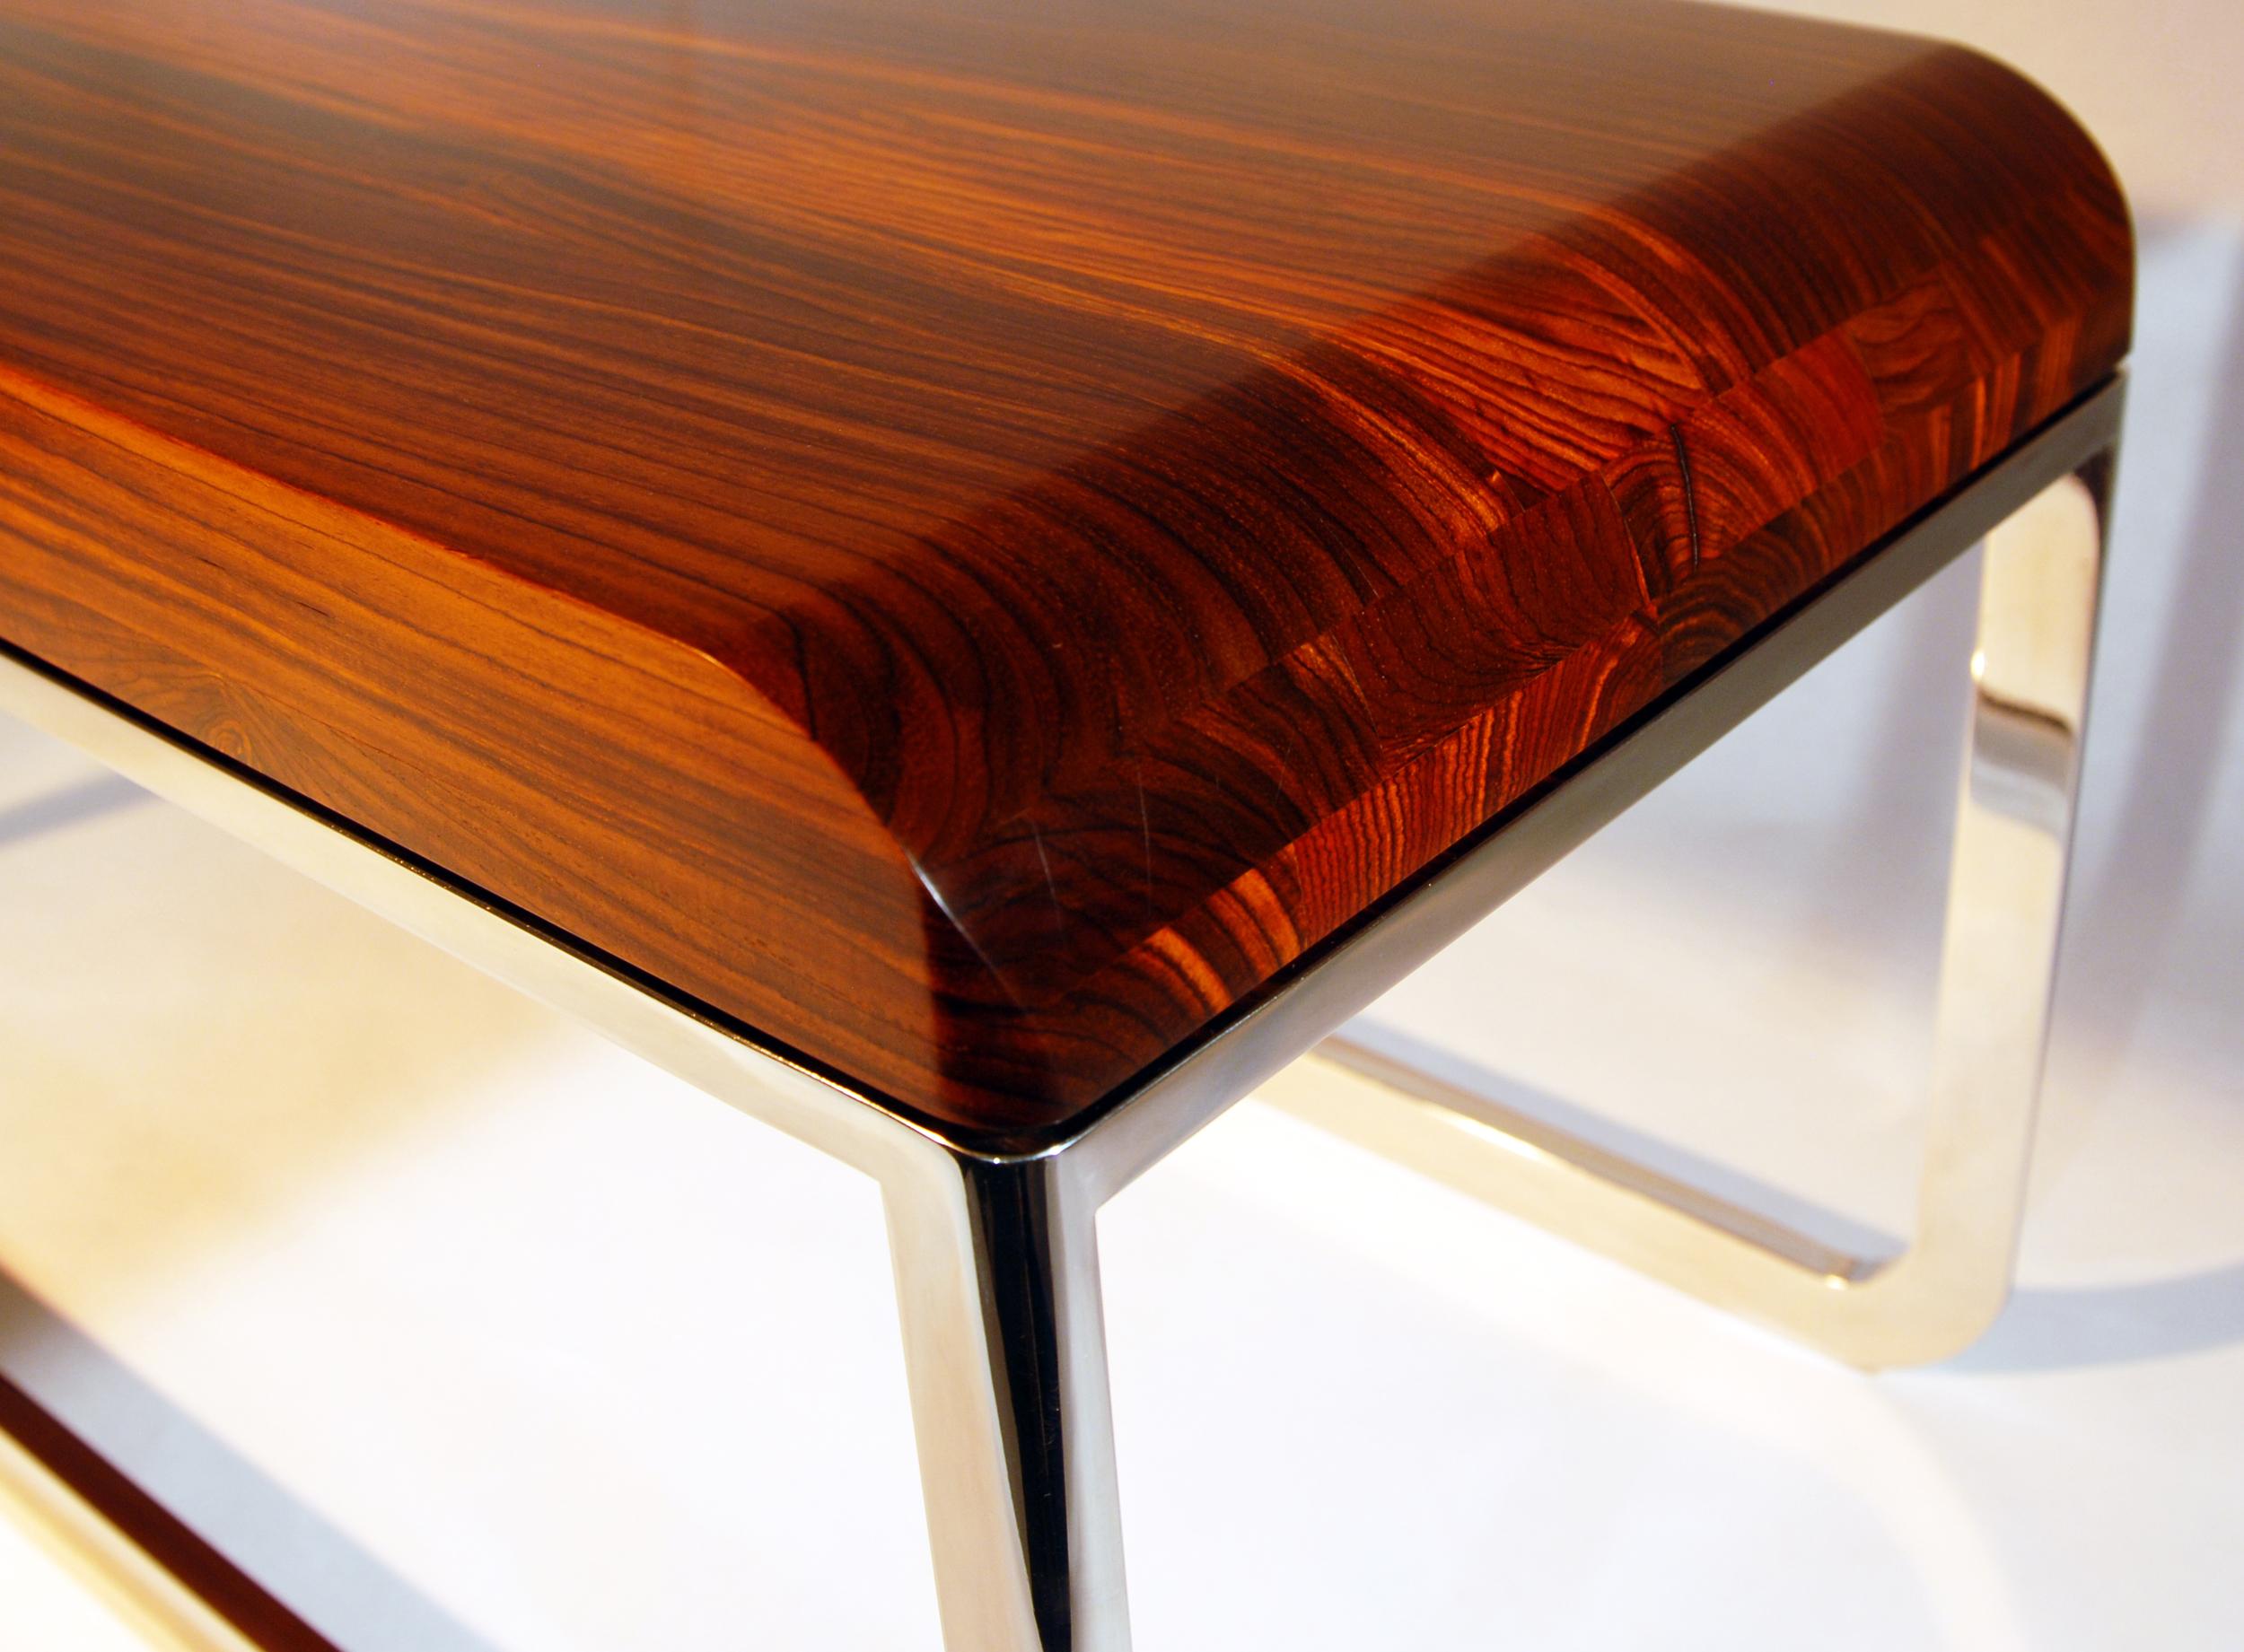 sabin table detail2.JPG